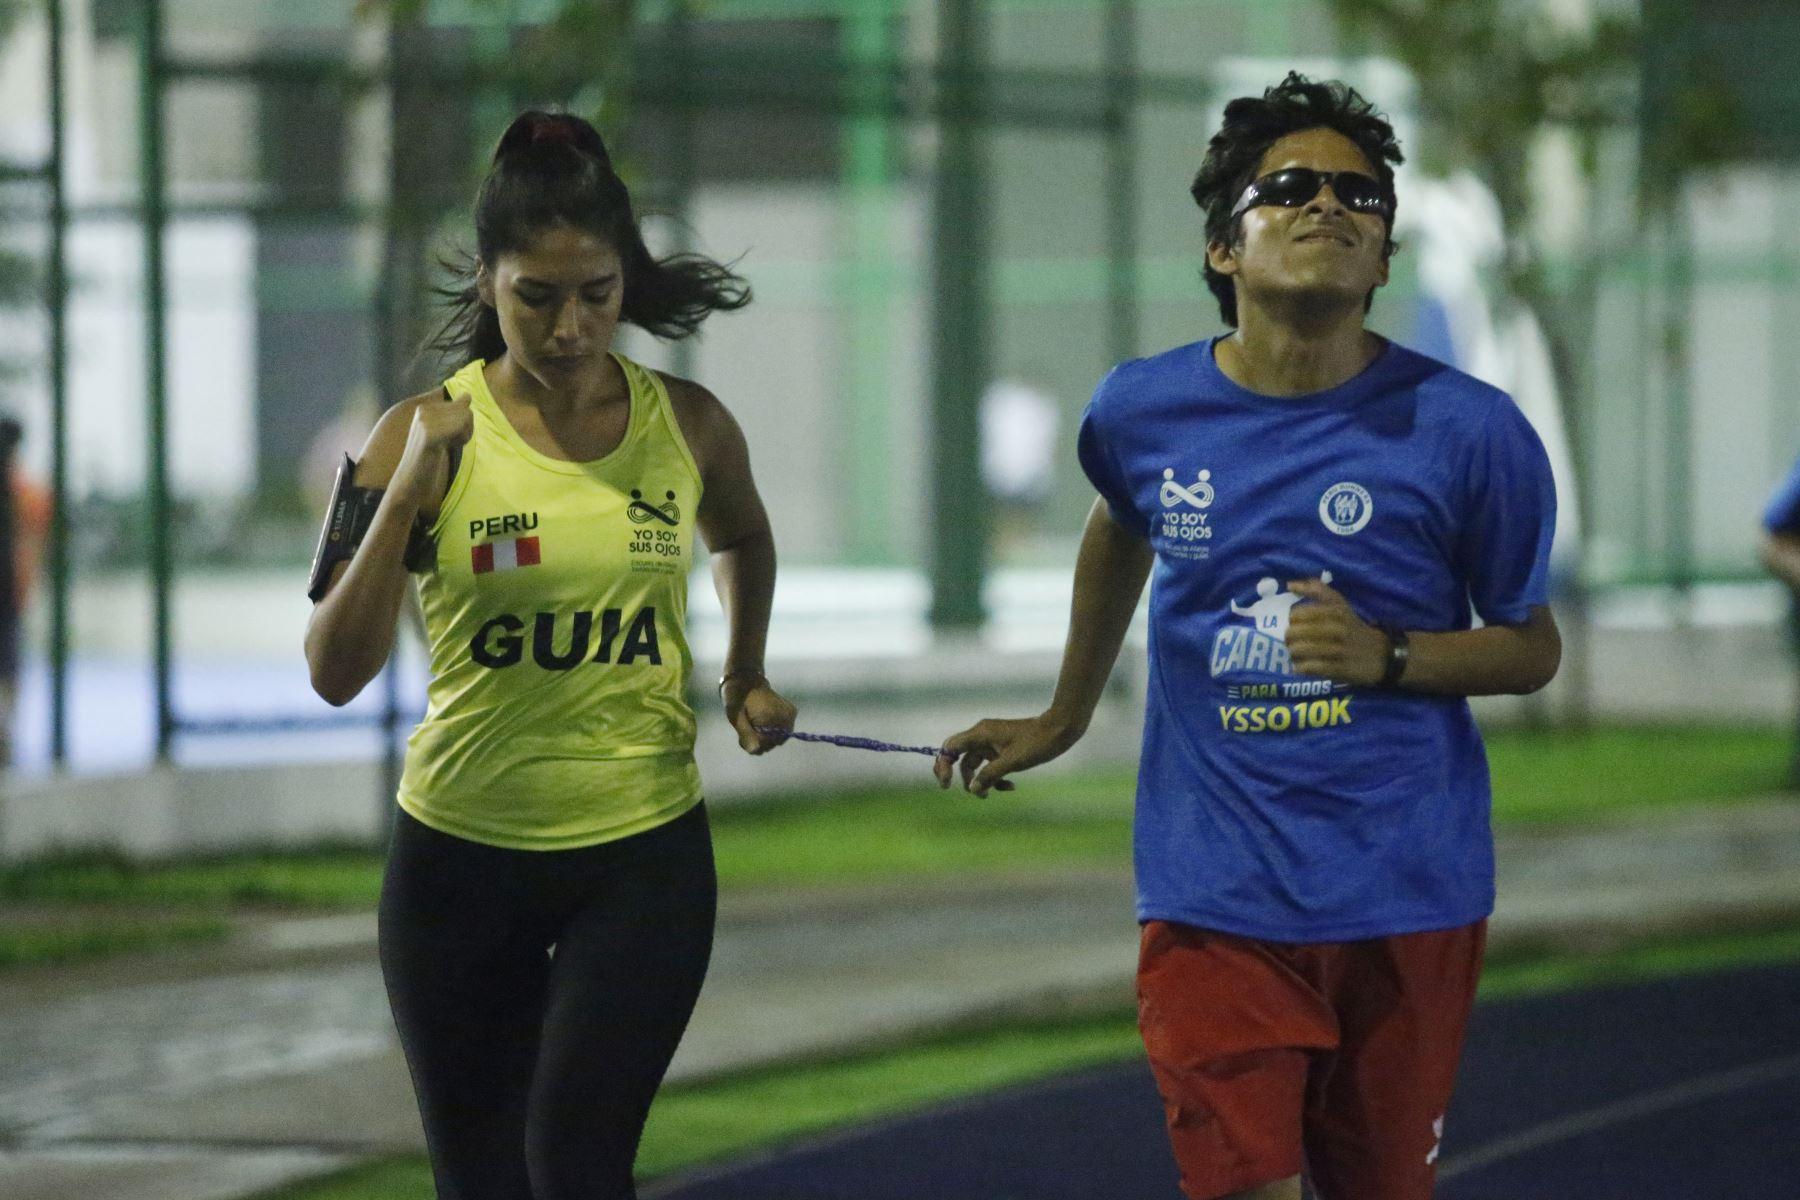 La Escuela yo soy sus ojos, forma a atletas invidentes y guías desde el 2015. ANDINA/Eddy Ramos